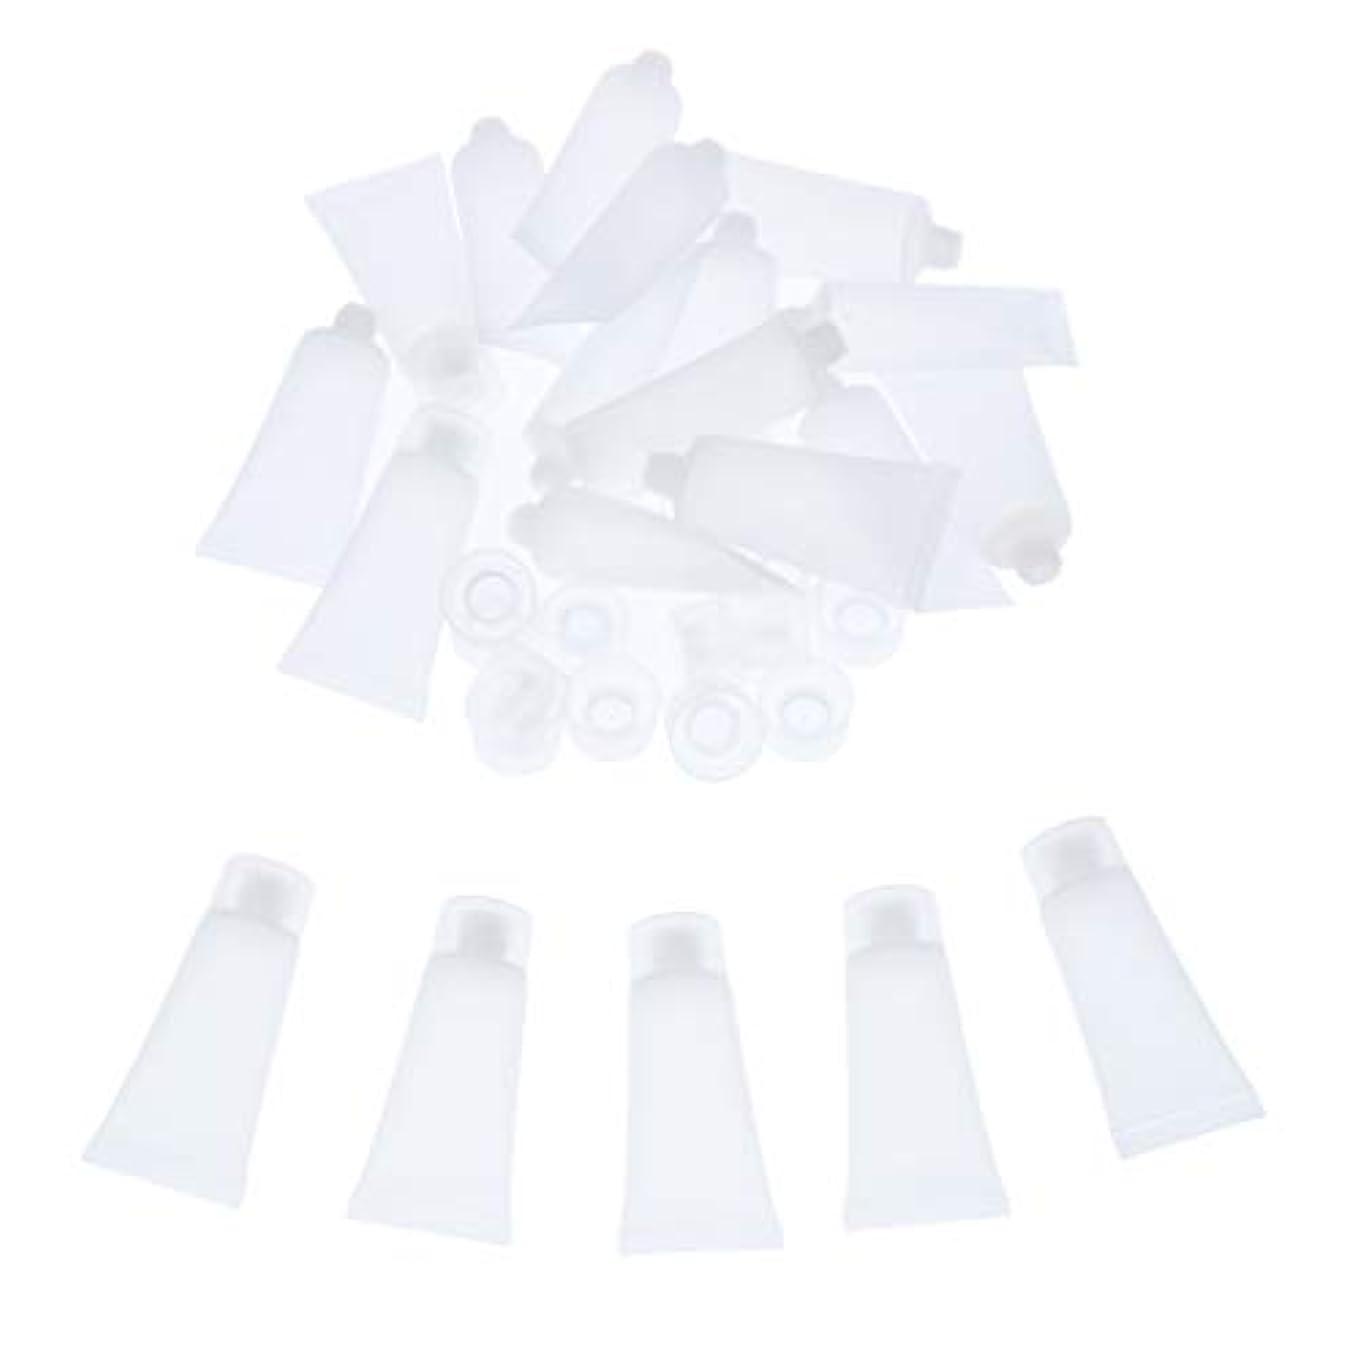 時代鉛振る舞いクリーム チューブ 詰め替え ローション チューブ プラスチック素材 約20個入り 全4サイズ - 20ml